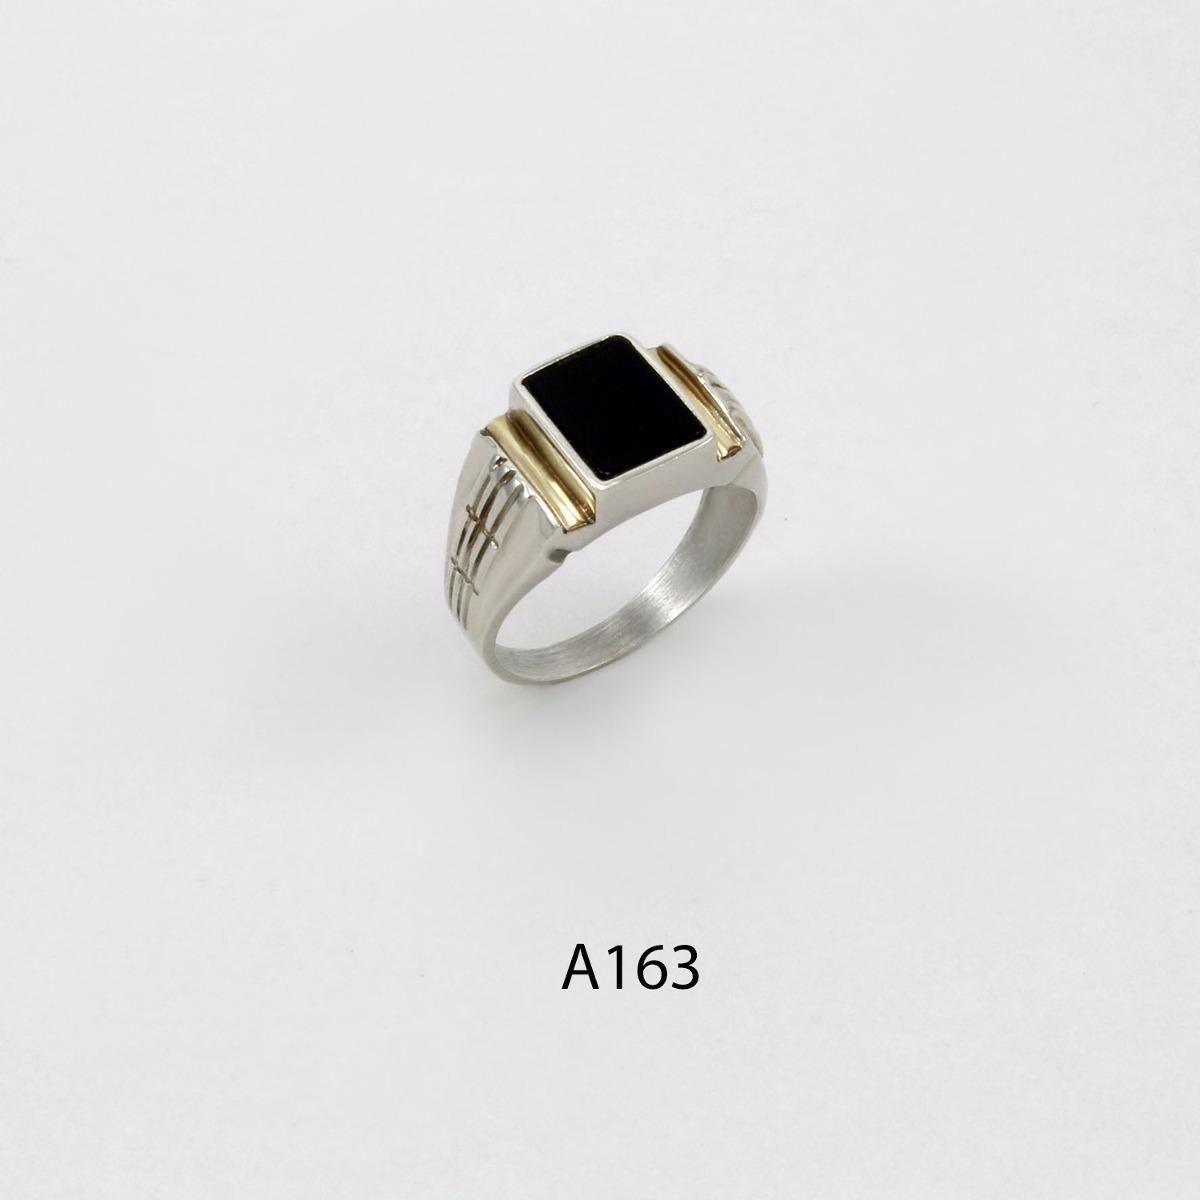 c8fc46785014 anillo de plata 925 y oro codigo a163 piedra negra. Cargando zoom.